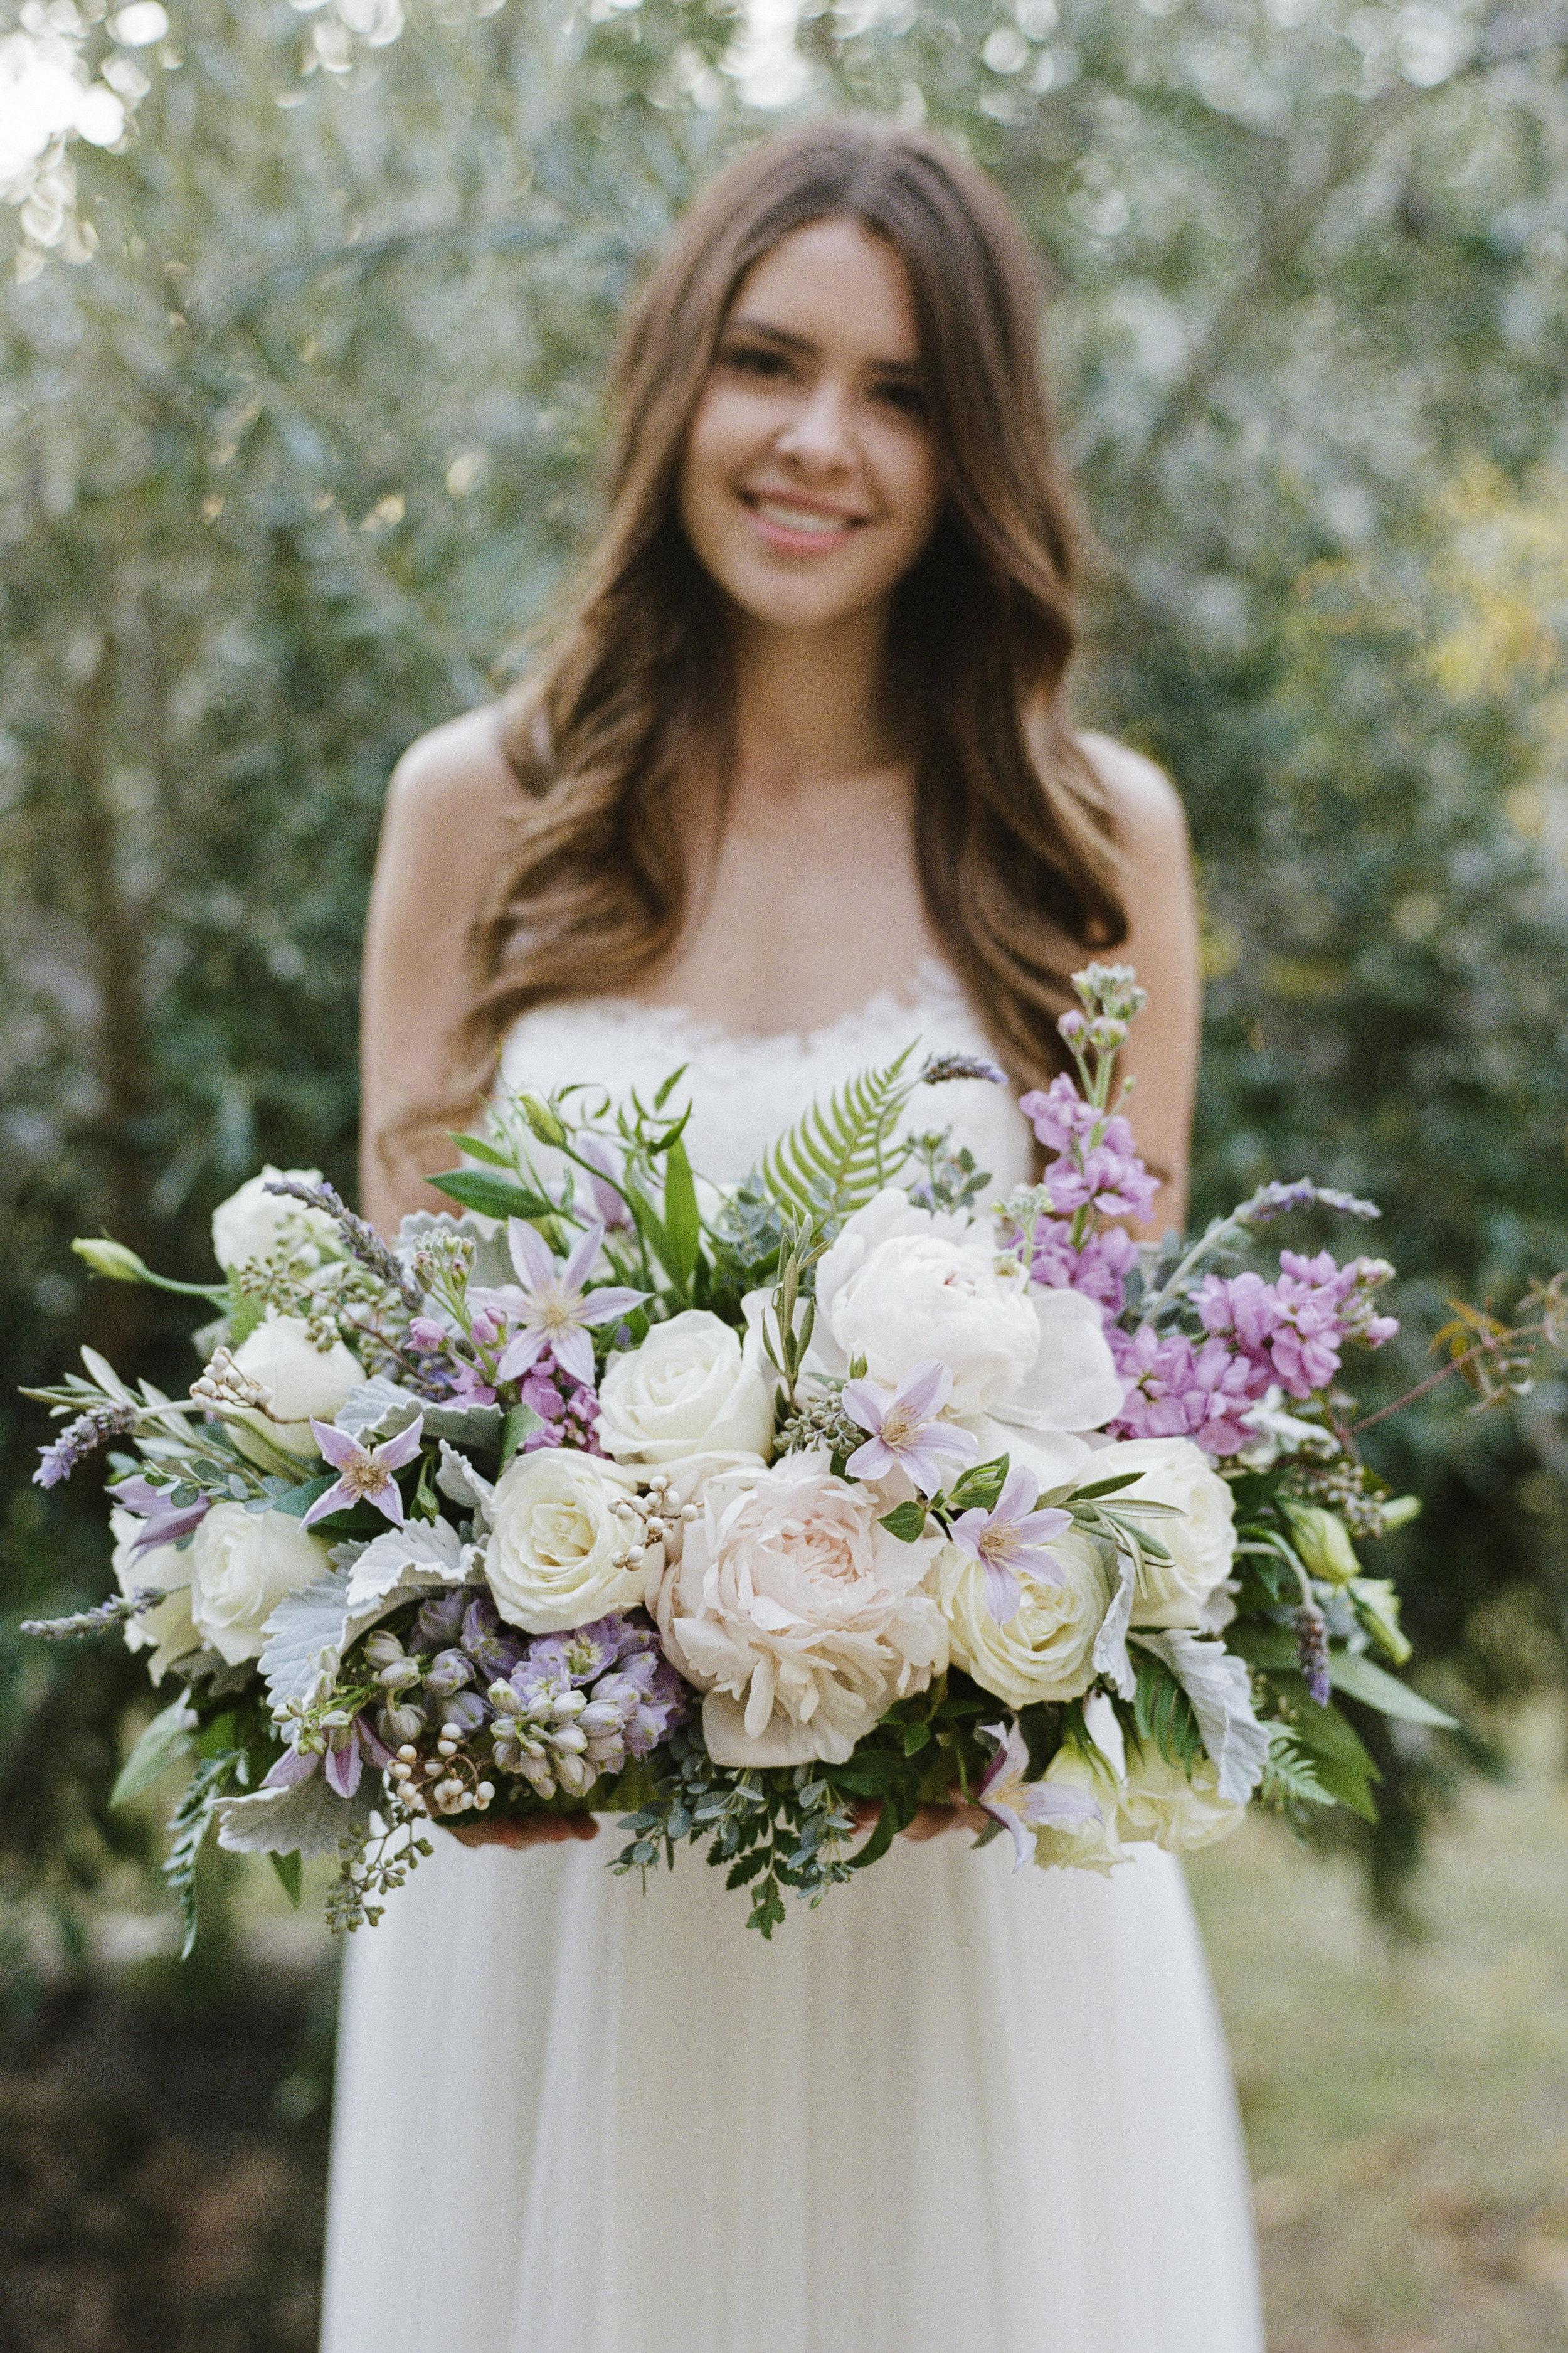 Violette-fleurs-roseville-sacramento-california-Flower-farm-inn-wedding-florist-spring-tablescape-blush-perples-lavender-ivory-bride.jpg